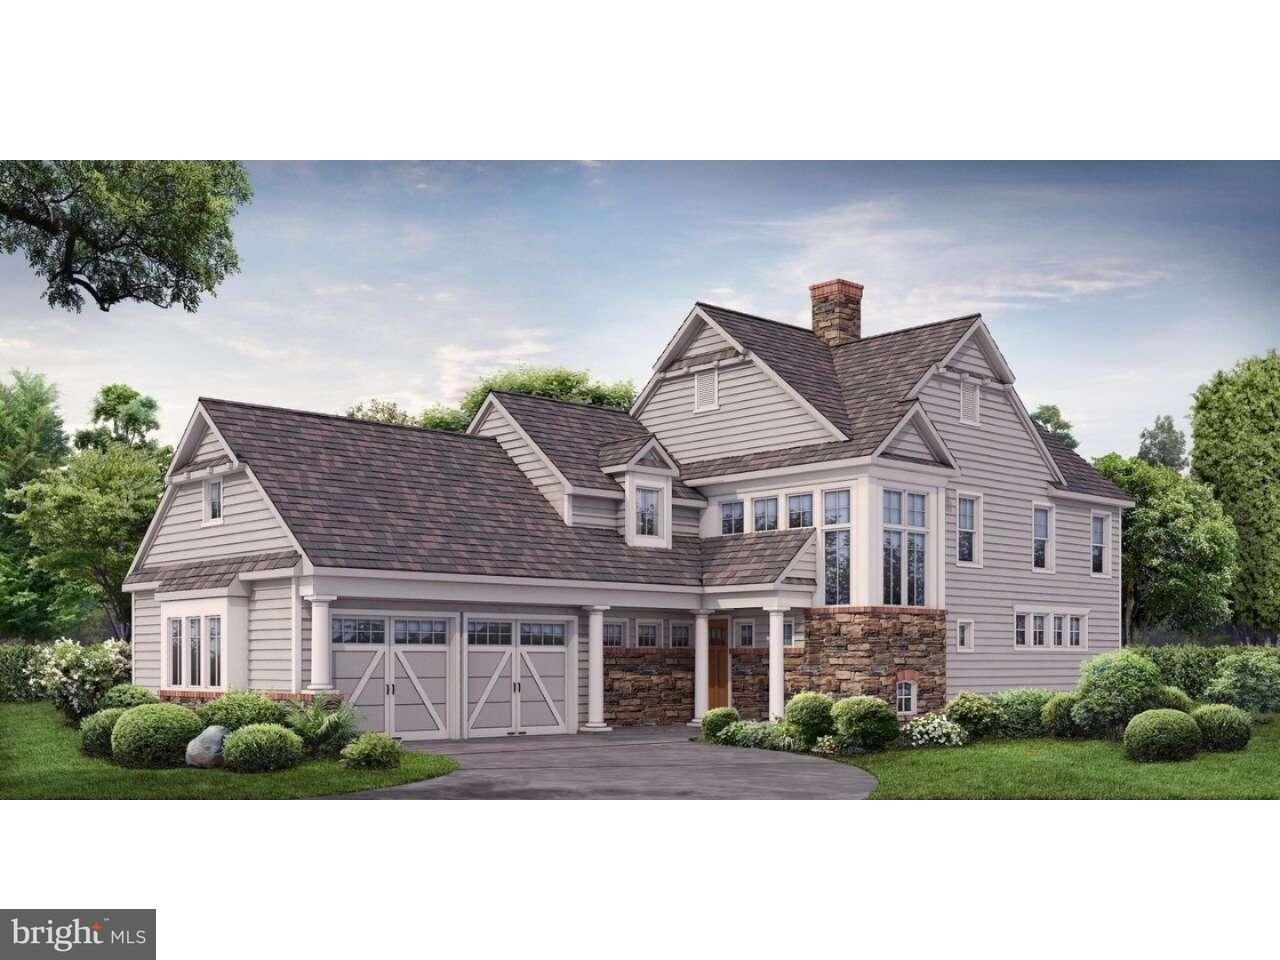 Maison unifamiliale pour l Vente à 1 BURGANDY Drive Mohnton, Pennsylvanie 19540 États-Unis